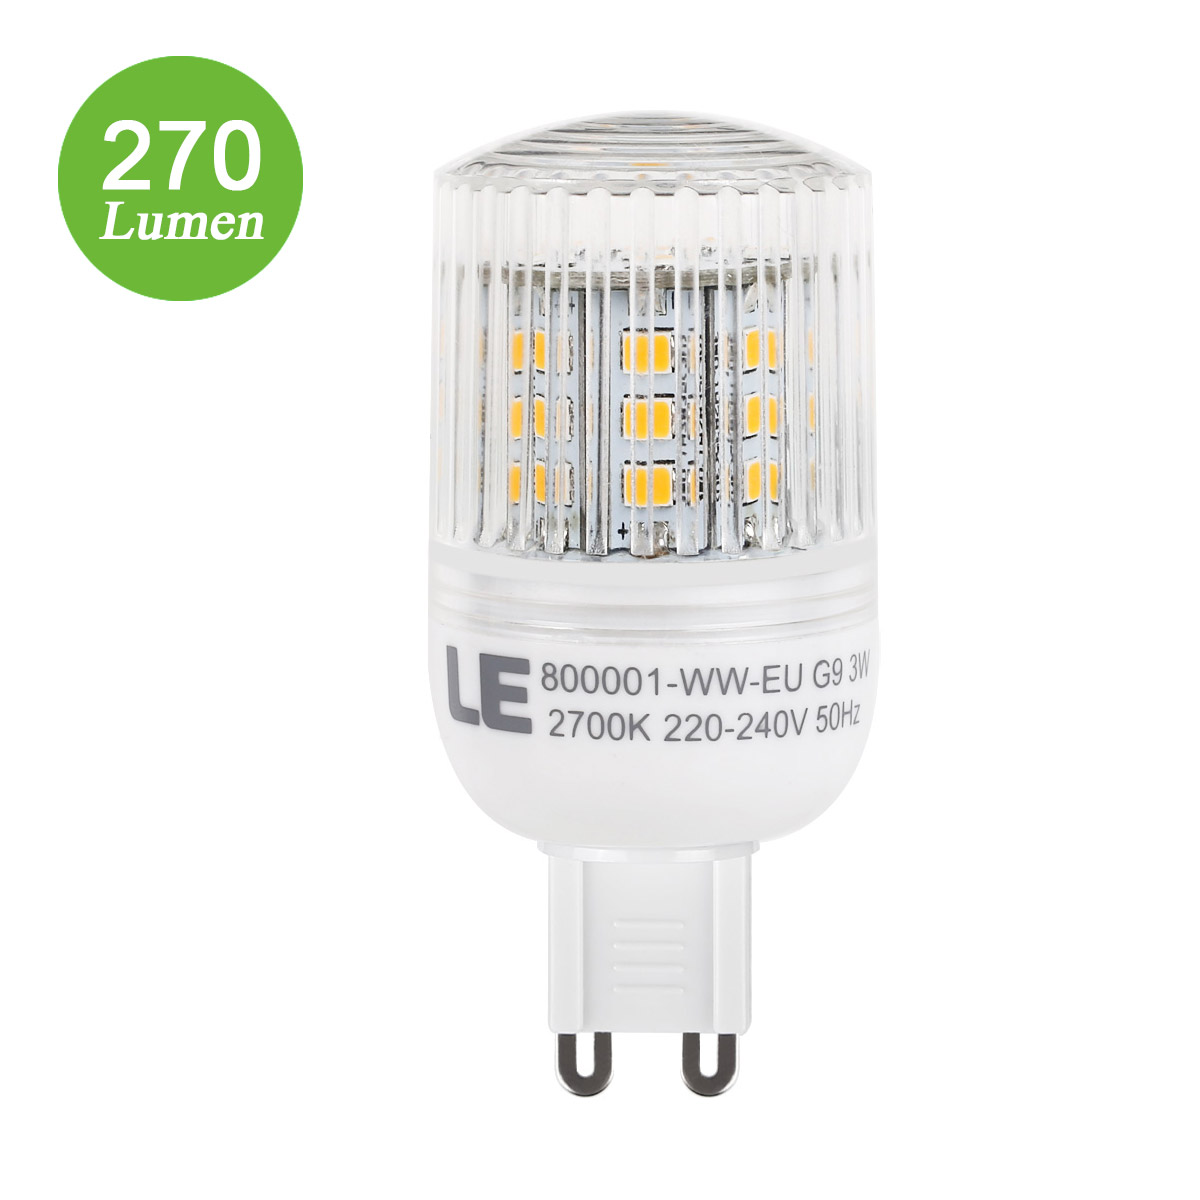 3W G9 LED Maiskolben, 270lm Maisbirne, 240° Strahler, entspricht 25W Glühlampe, Warmweiß